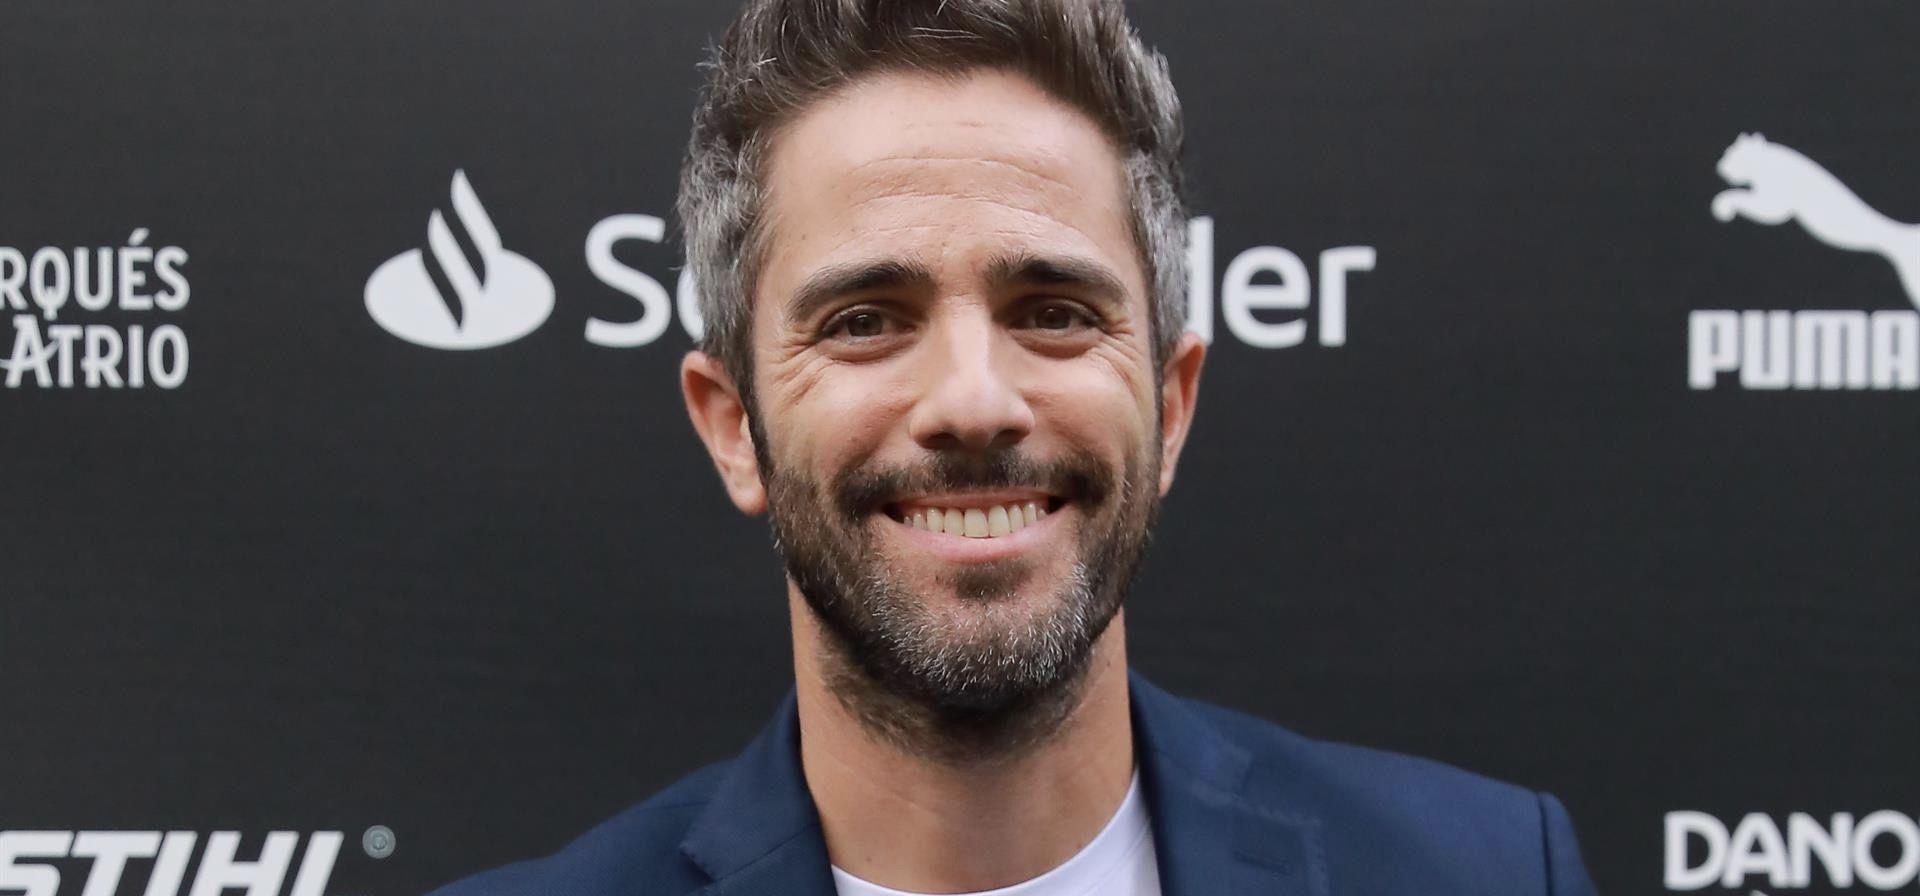 El presentador sevillano Roberto Leal es el elegido para conducir el programa 'Pasapalabra', que se emitirá en las tardes en Antena 3 próximamente.